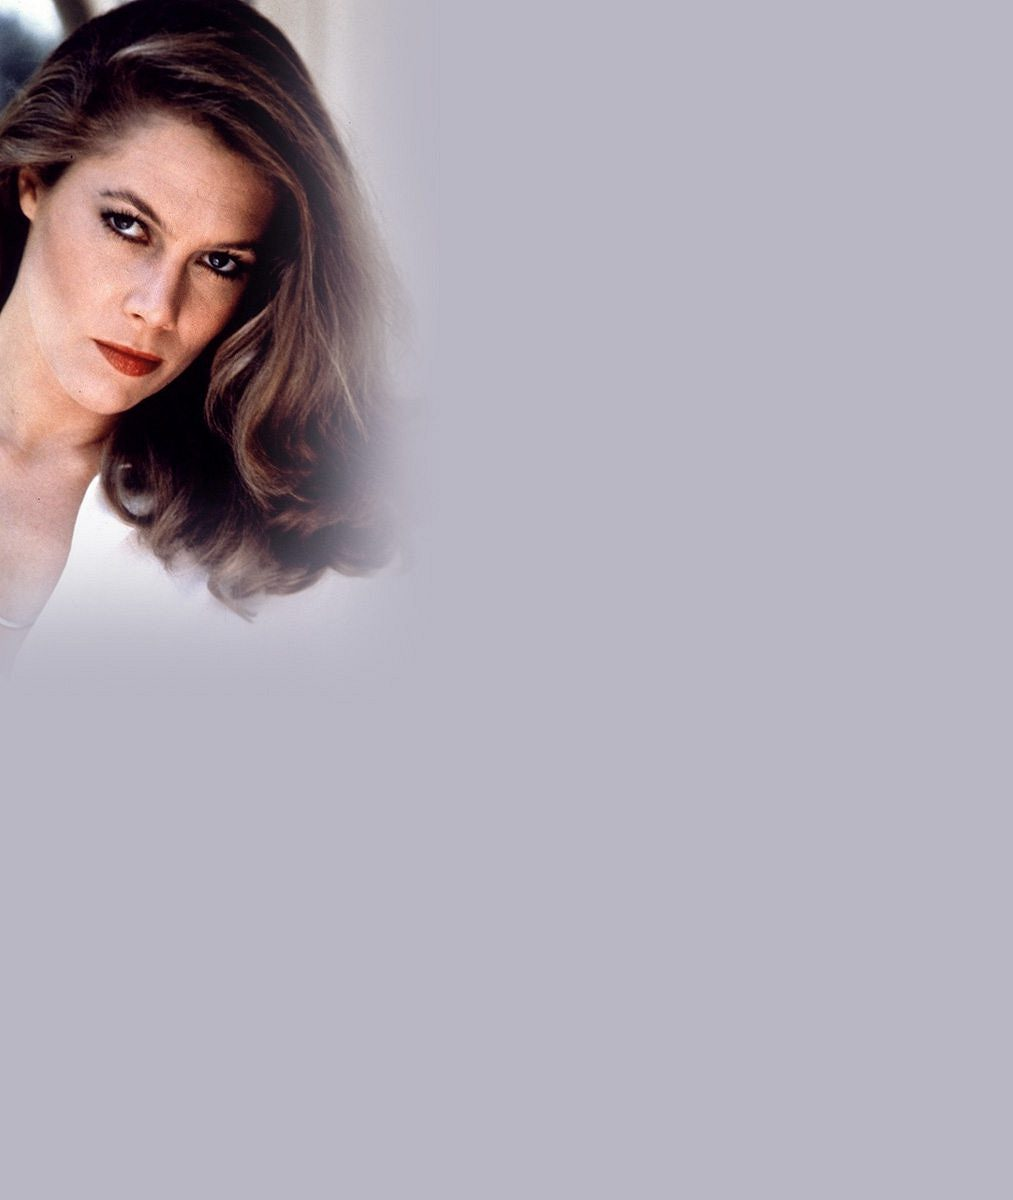 Hollywoodskou krásku ze slavných filmů osmdesátých let už asi nepoznáte: Přijala svá kila i vrásky!